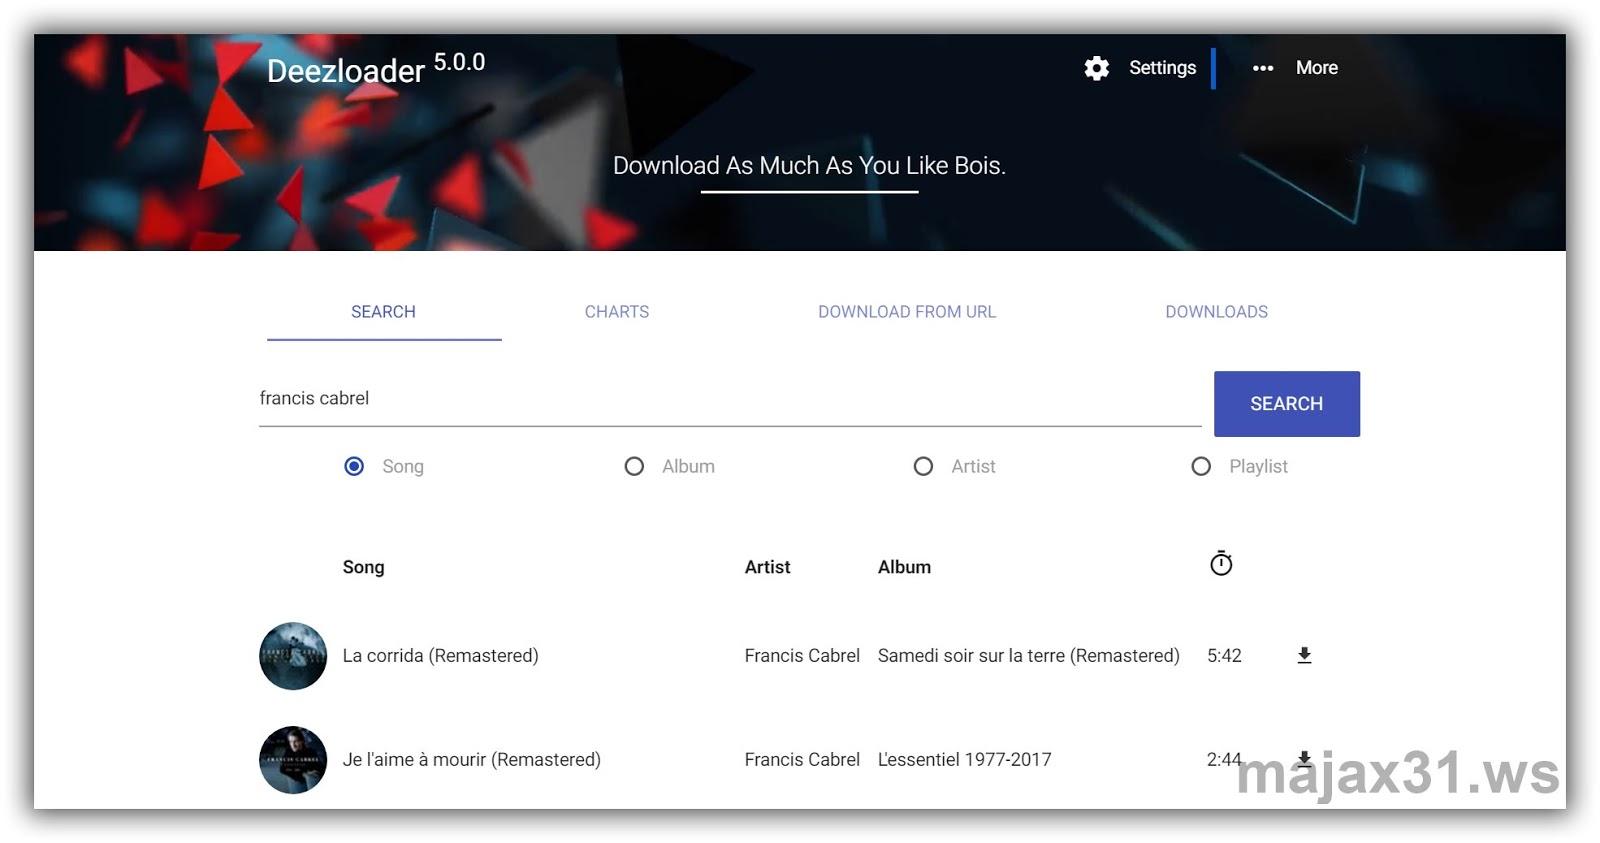 deezloader remix 4.1.3 apk